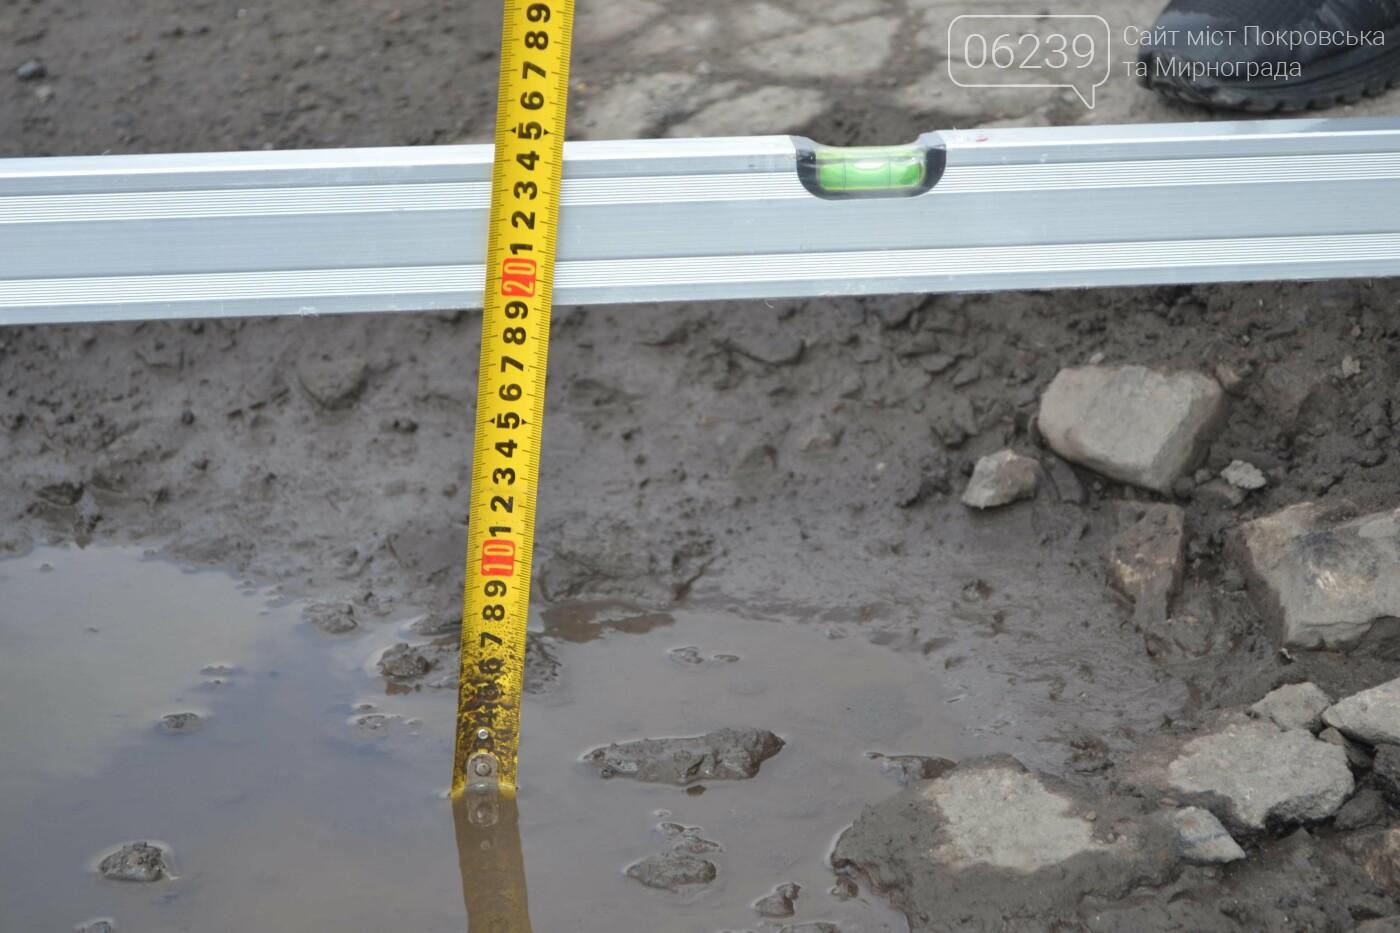 Попал в яму — сам виноват: копы составили протокол на водителя из Покровска, который, въехав в яму, повредил авто, фото-21